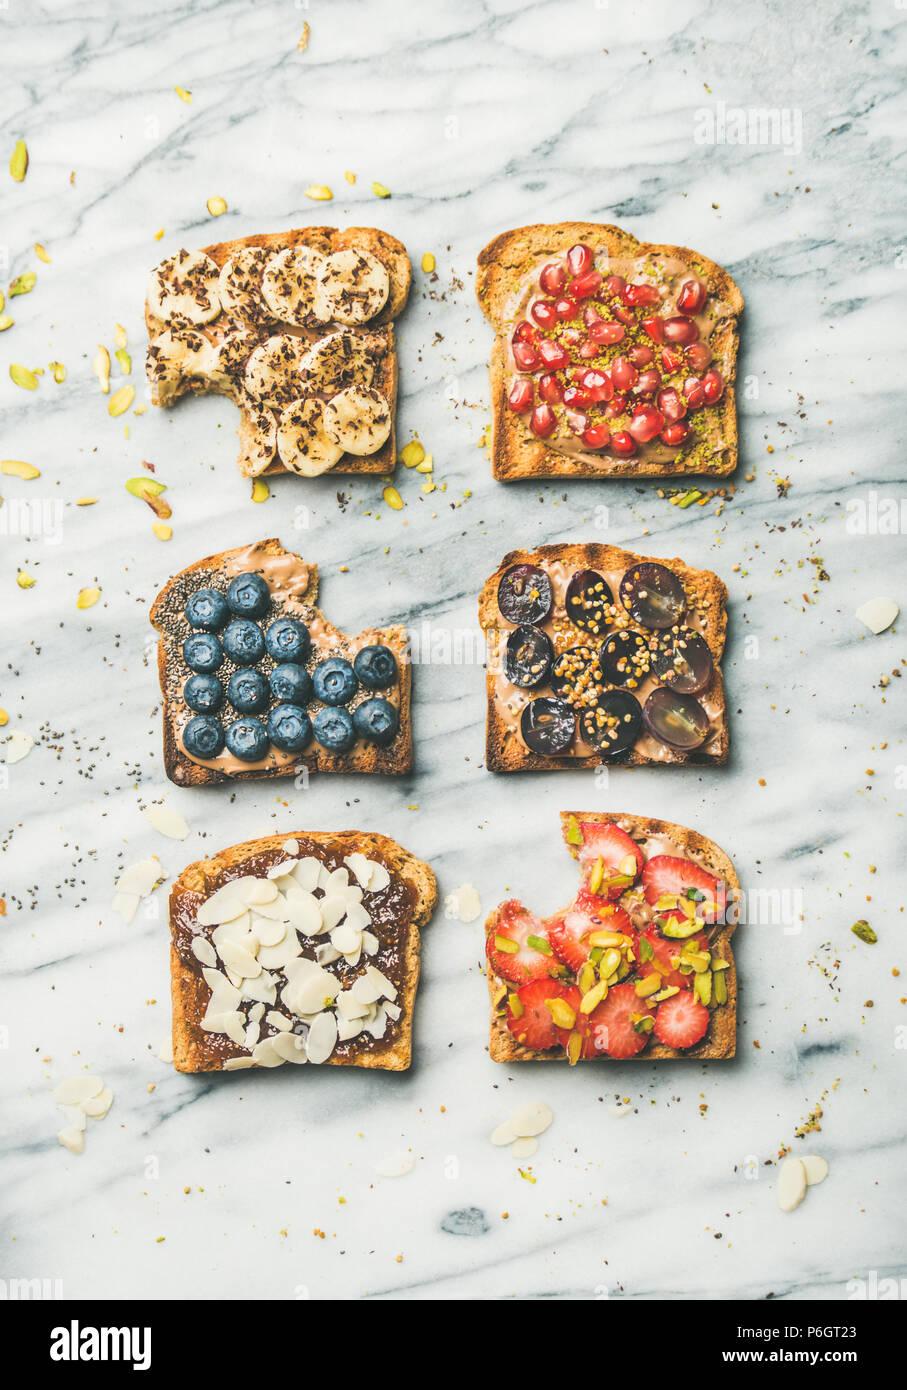 Desayuno saludable o un aperitivo con tostadas integrales, vista superior Imagen De Stock